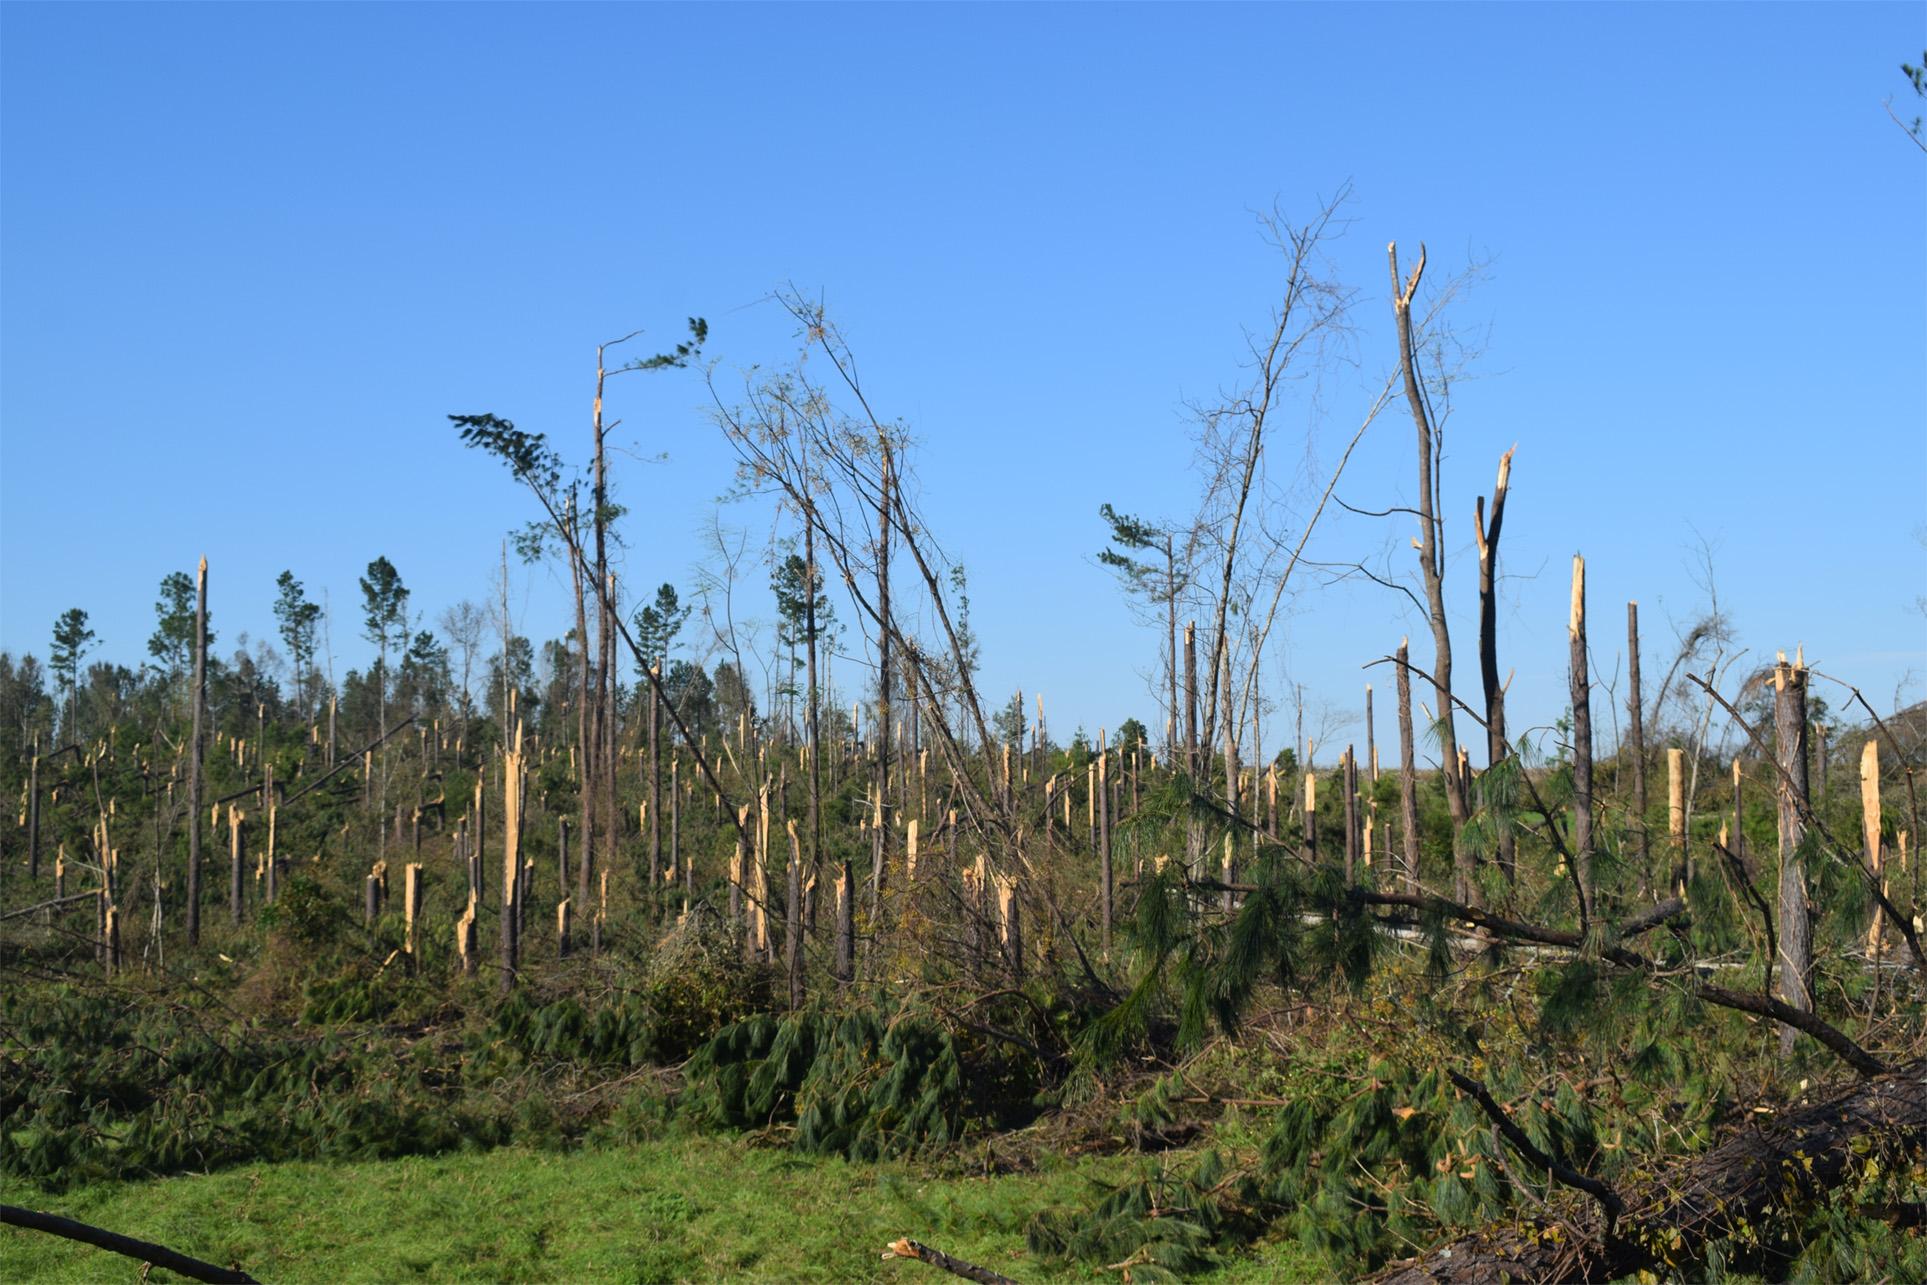 hurricane20forest20damage20smaller.jpg